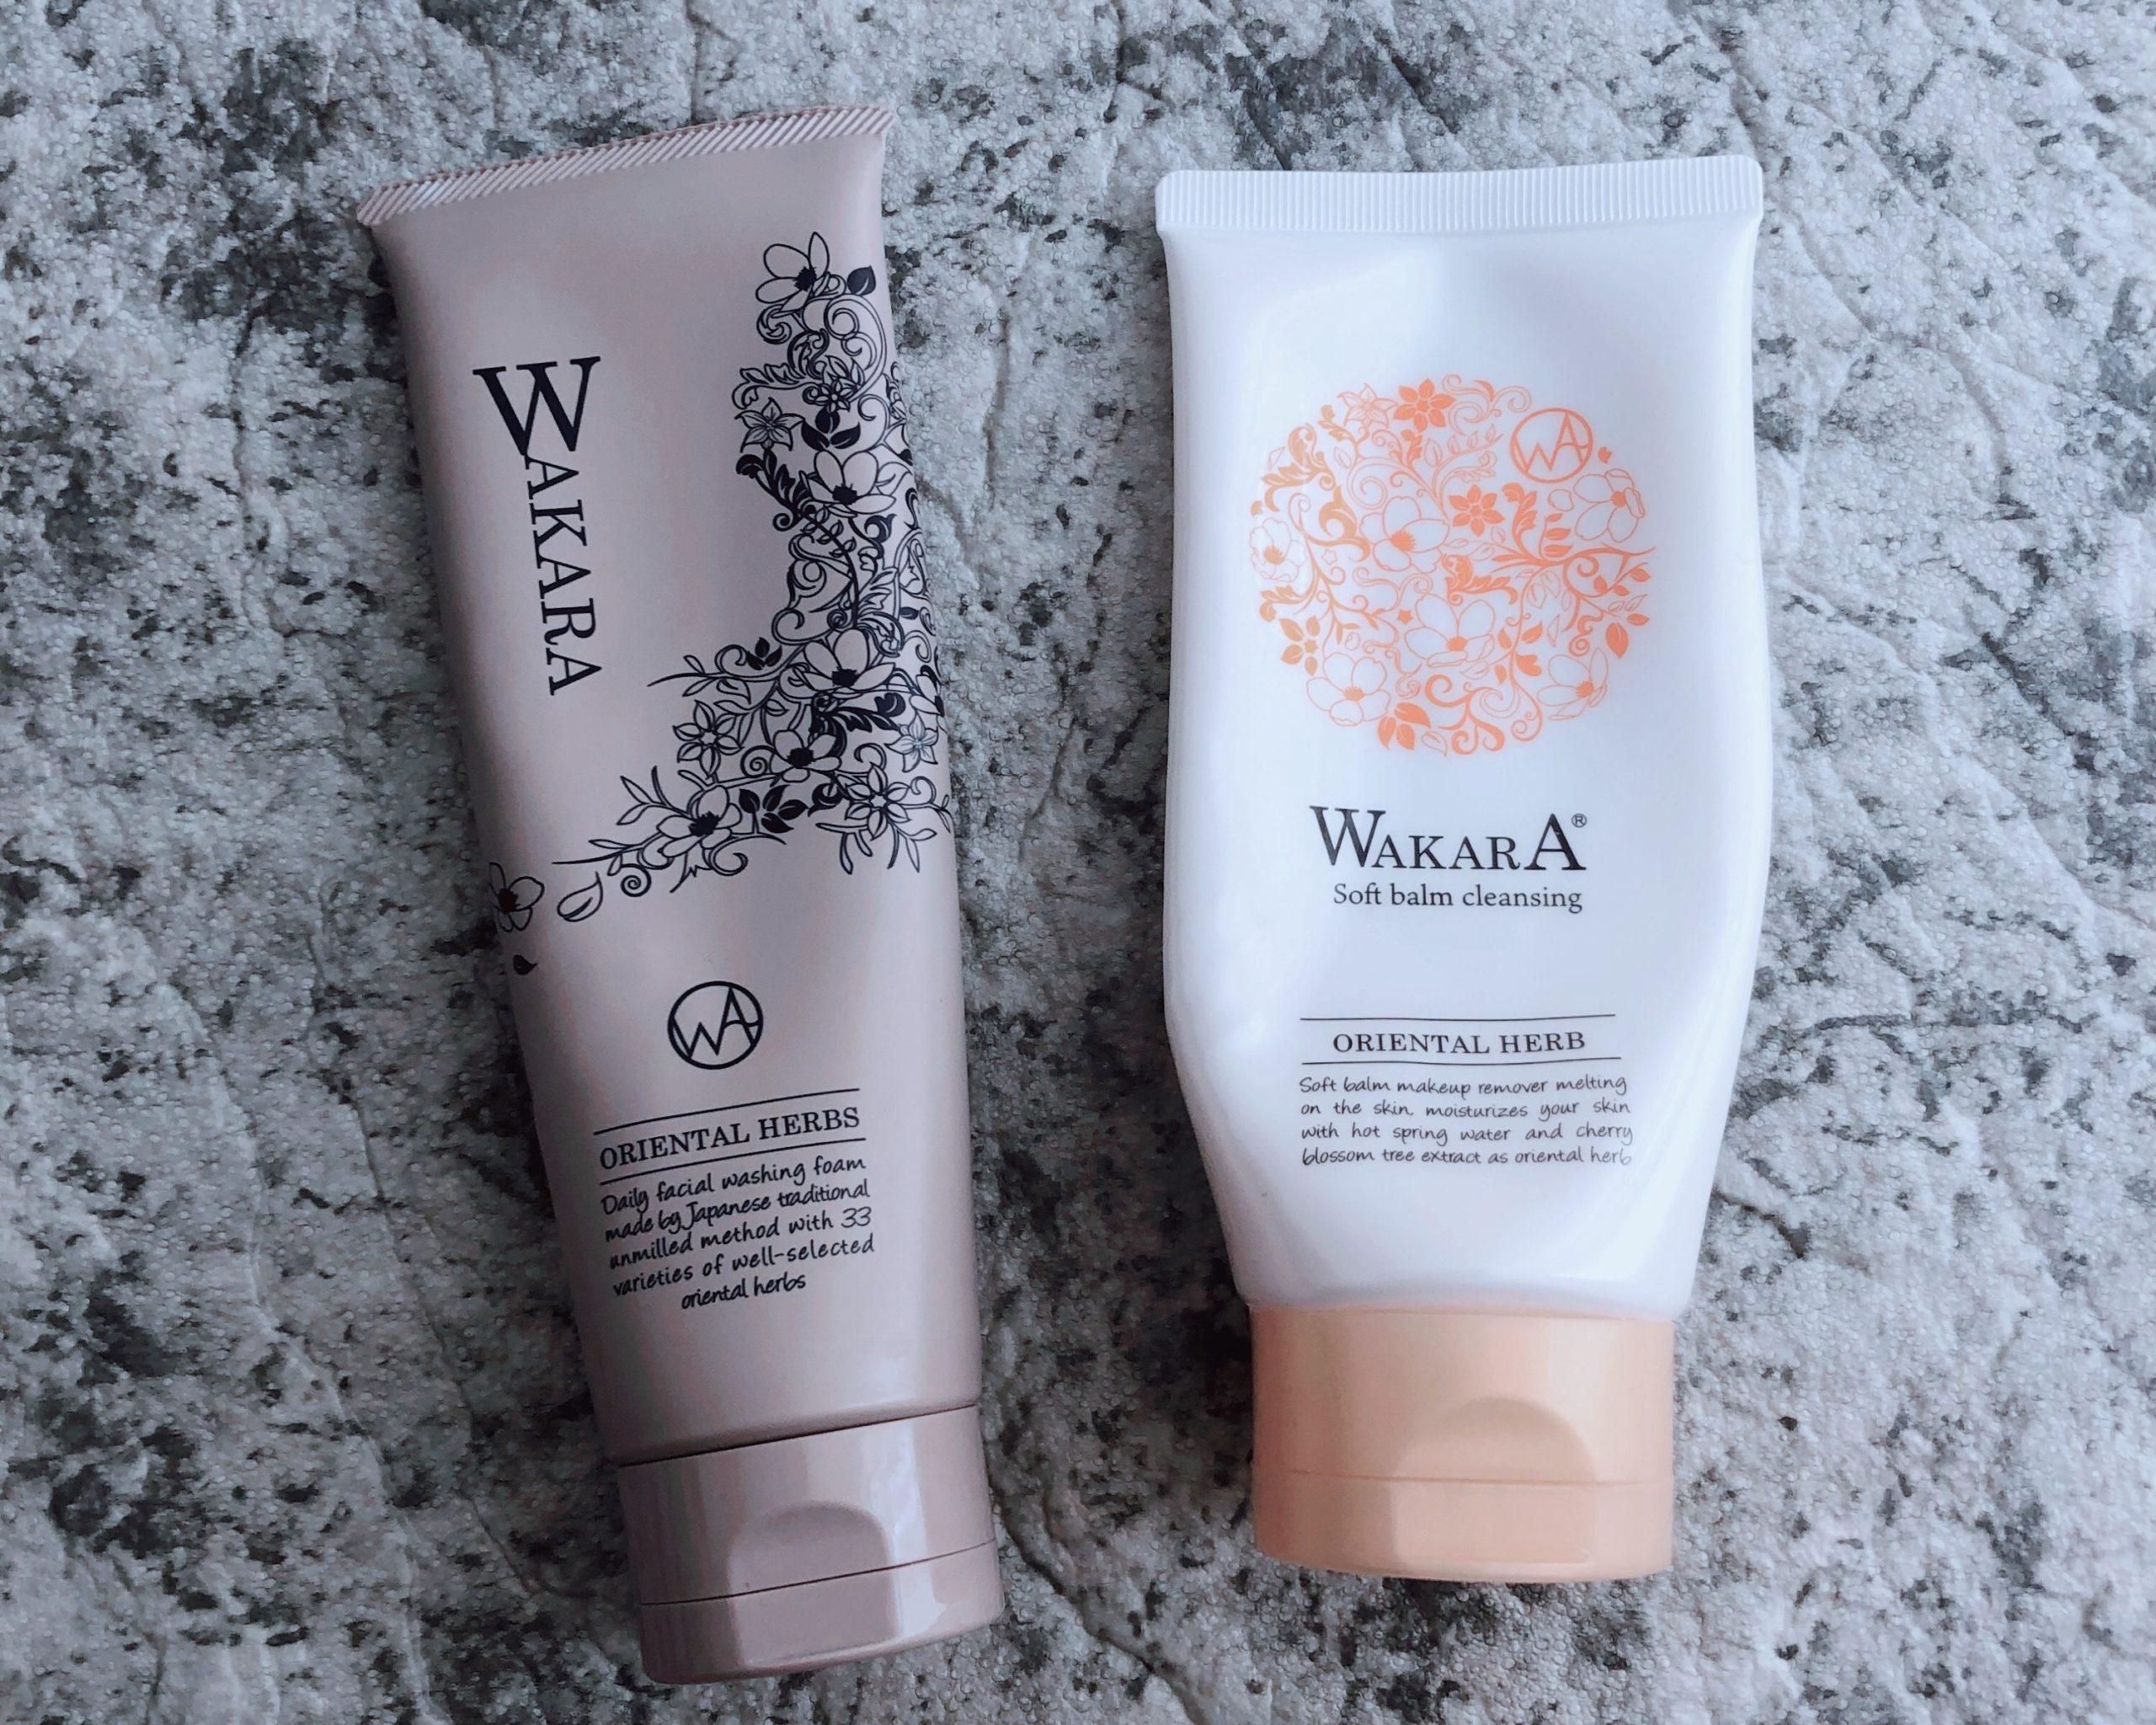 【やや辛口】WAKARAのバームクレンジング&洗顔料を乾燥肌が使ってみたレビュー